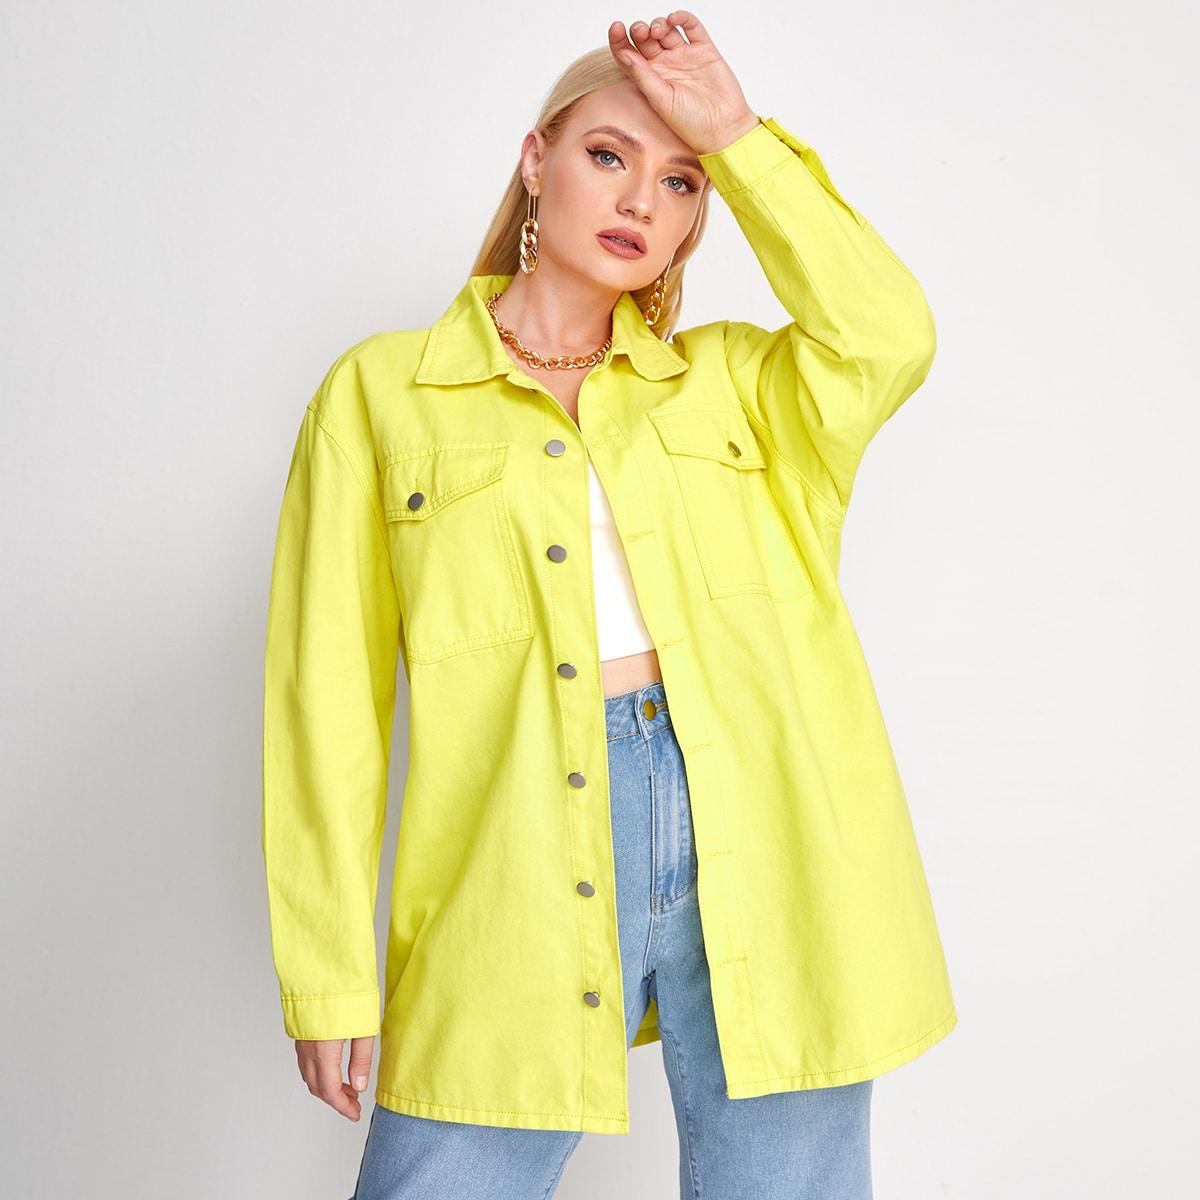 Неоново-желтая джинсовая куртка размера плюс с карманом